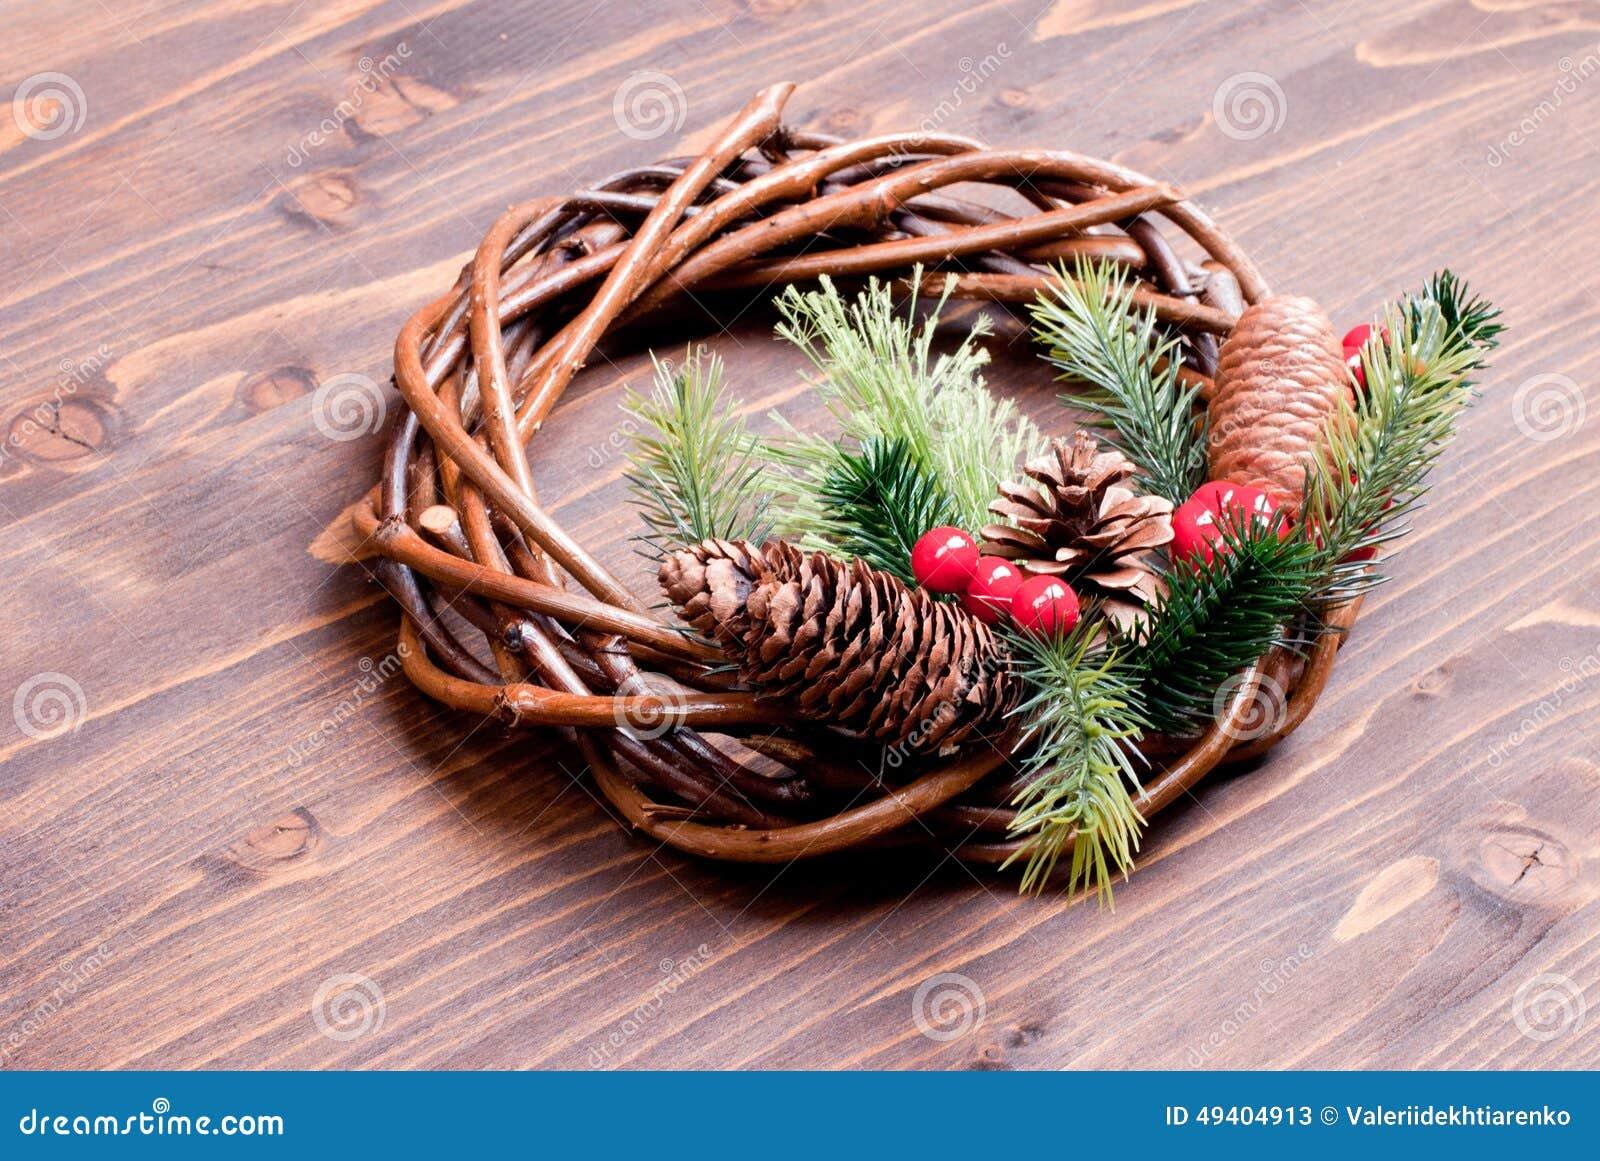 Download Weihnachtskranz Von Zweigen Mit Kiefernnadeln Und Von Kegeln Auf Einem Braun Stockbild - Bild von nachricht, getrennt: 49404913